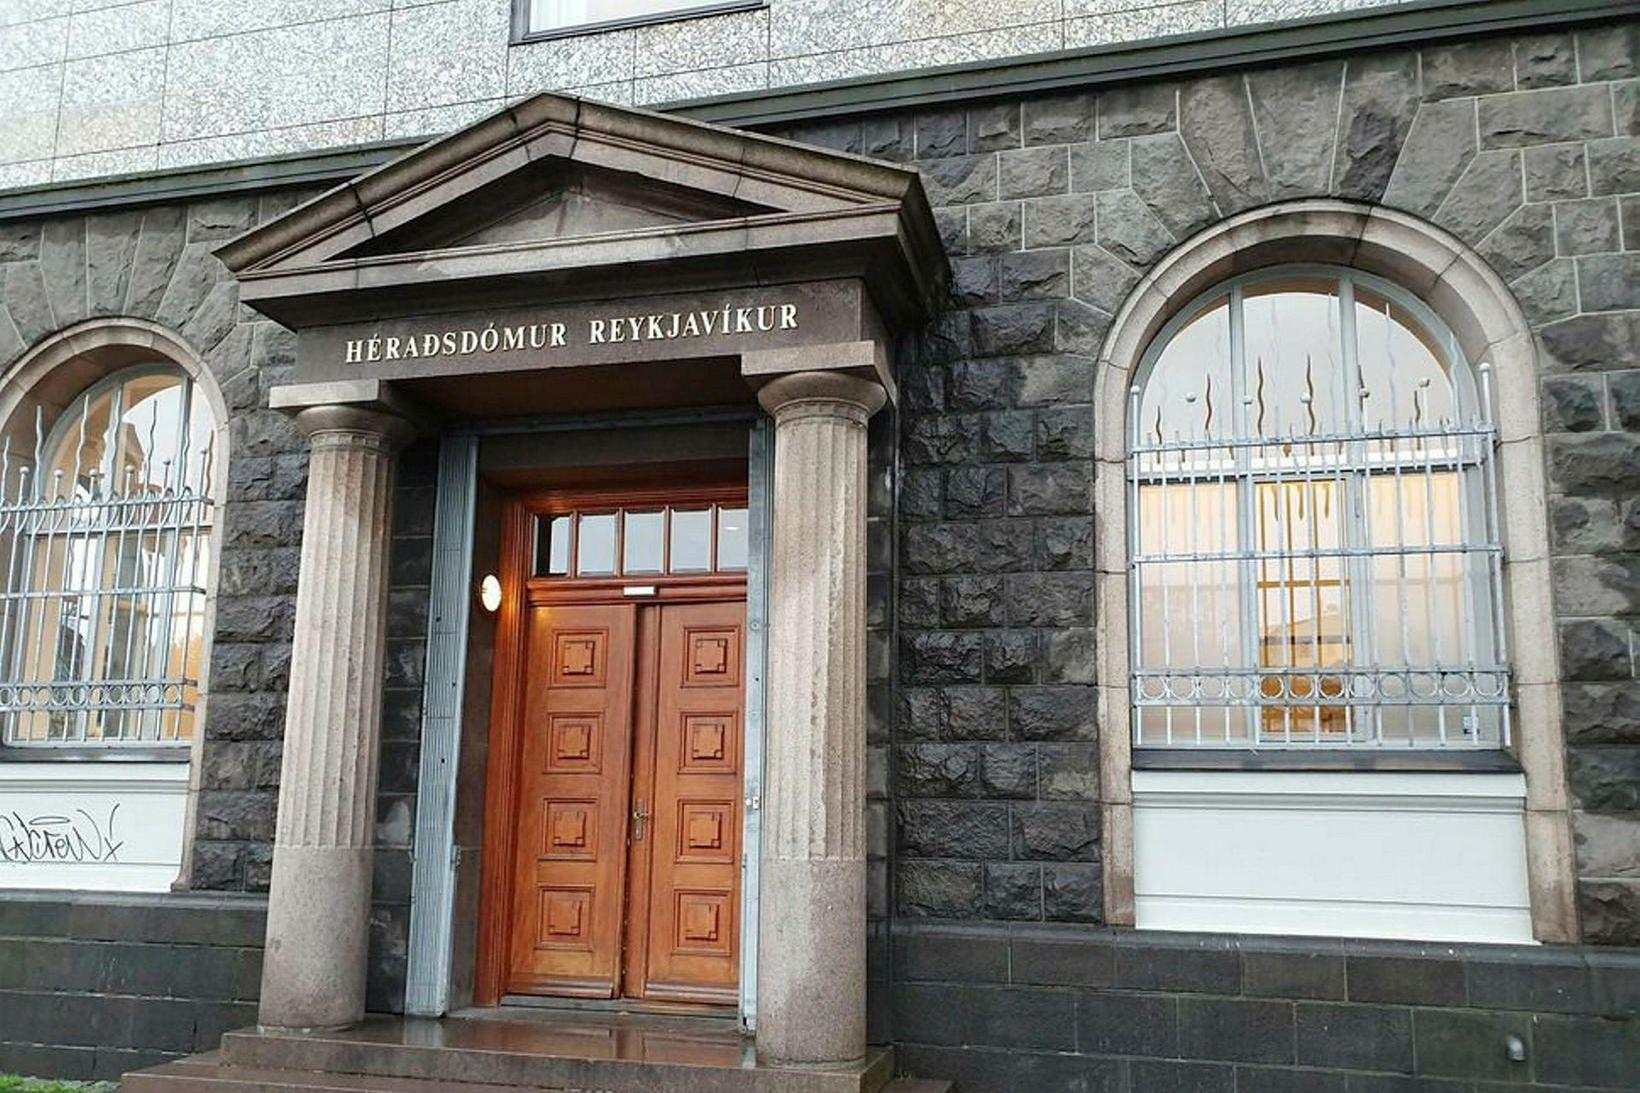 Dómhús Hérðasdóms Reykjavíkur.